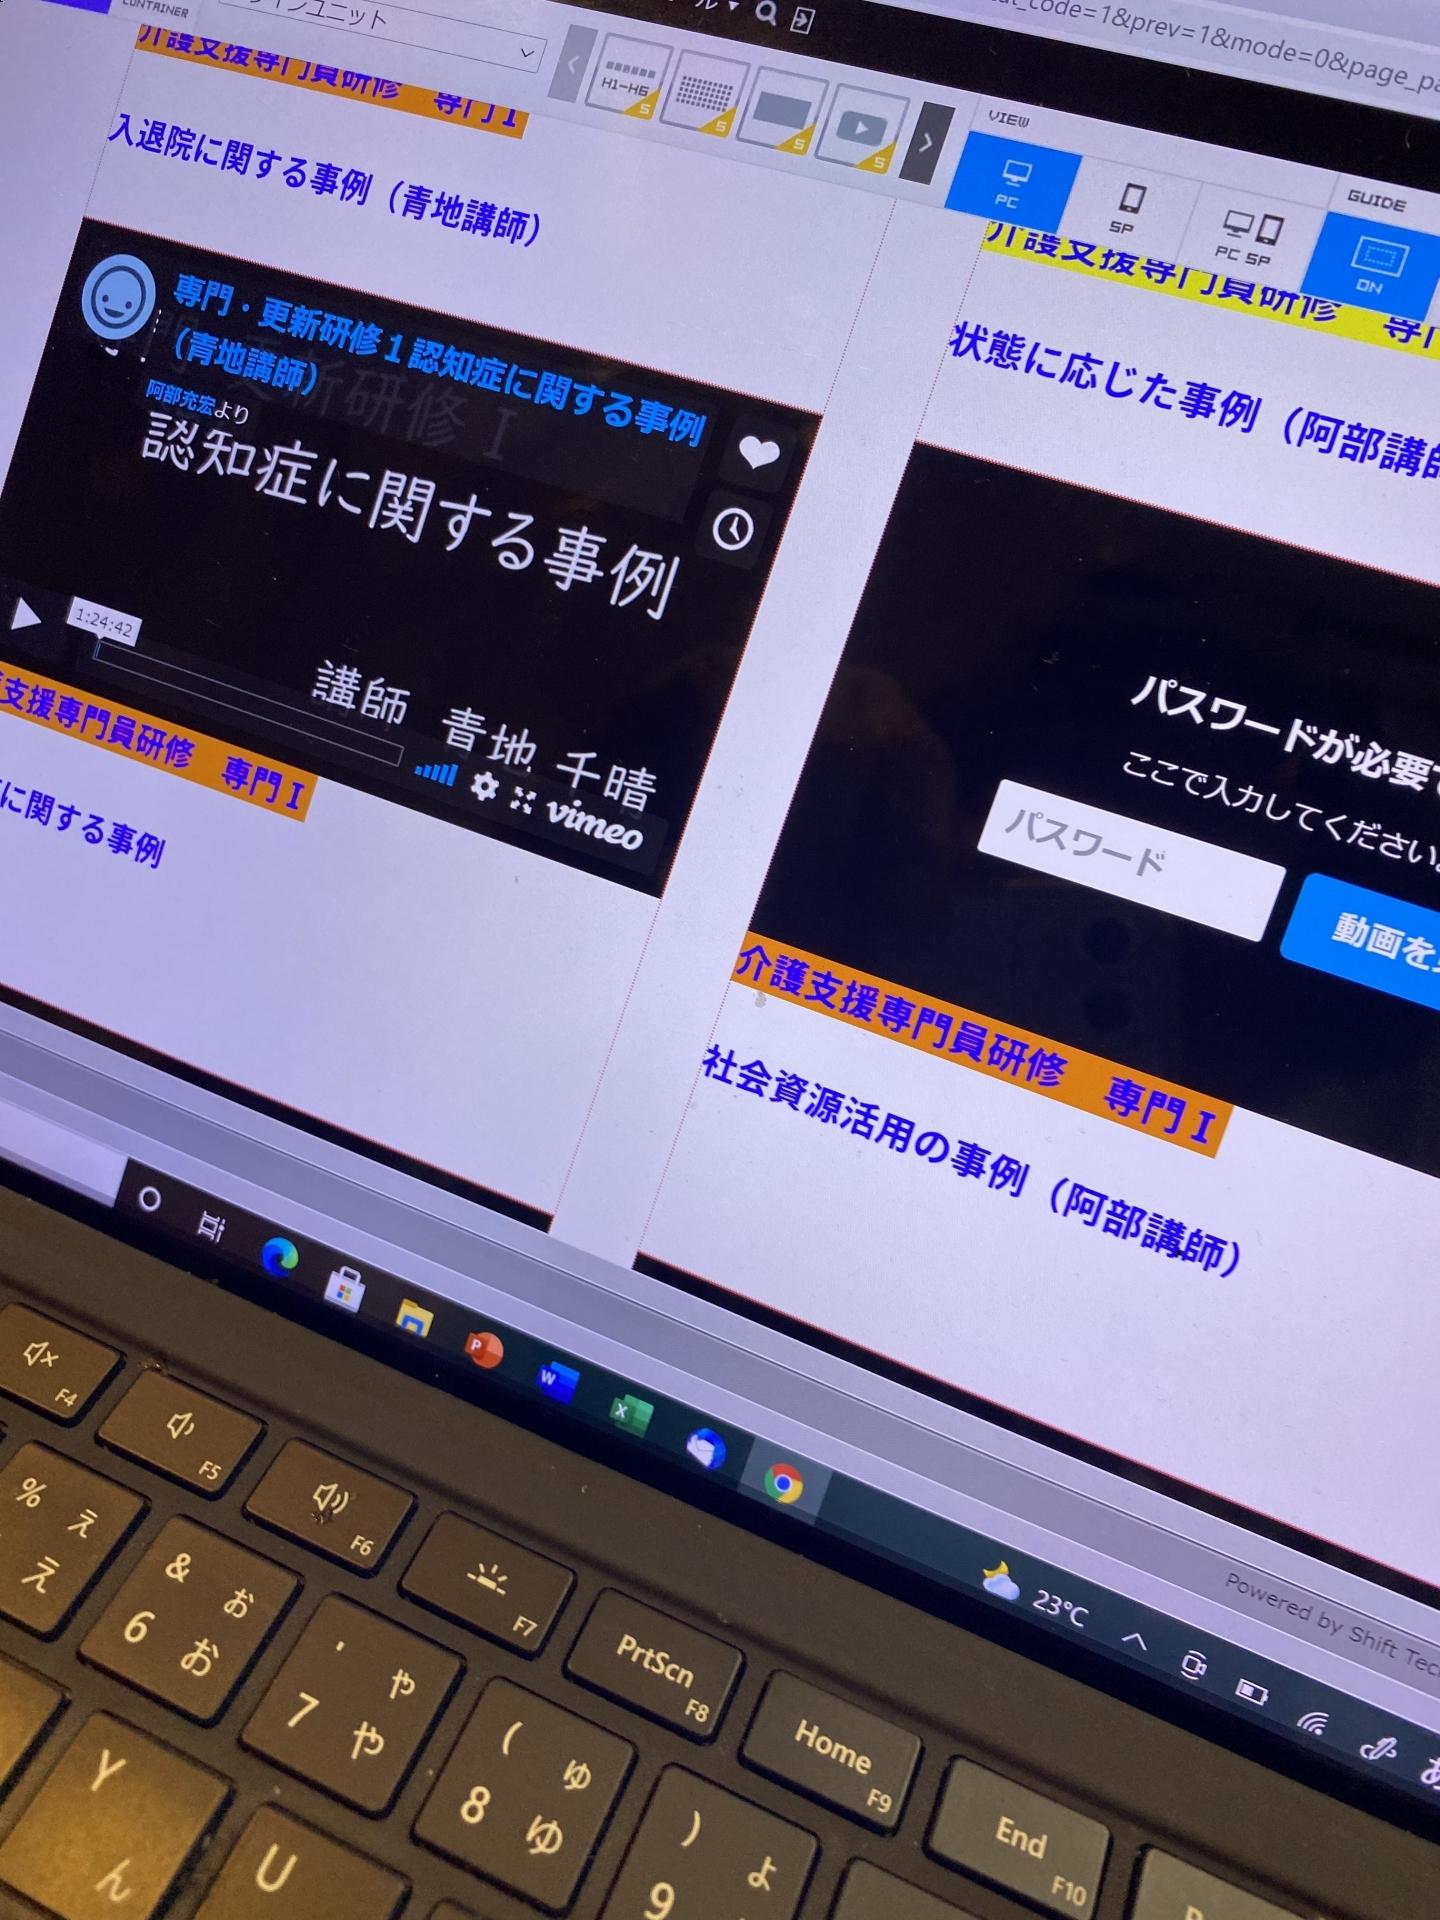 【  482  】 11月5日スタートの専門Ⅱ(定員満員)